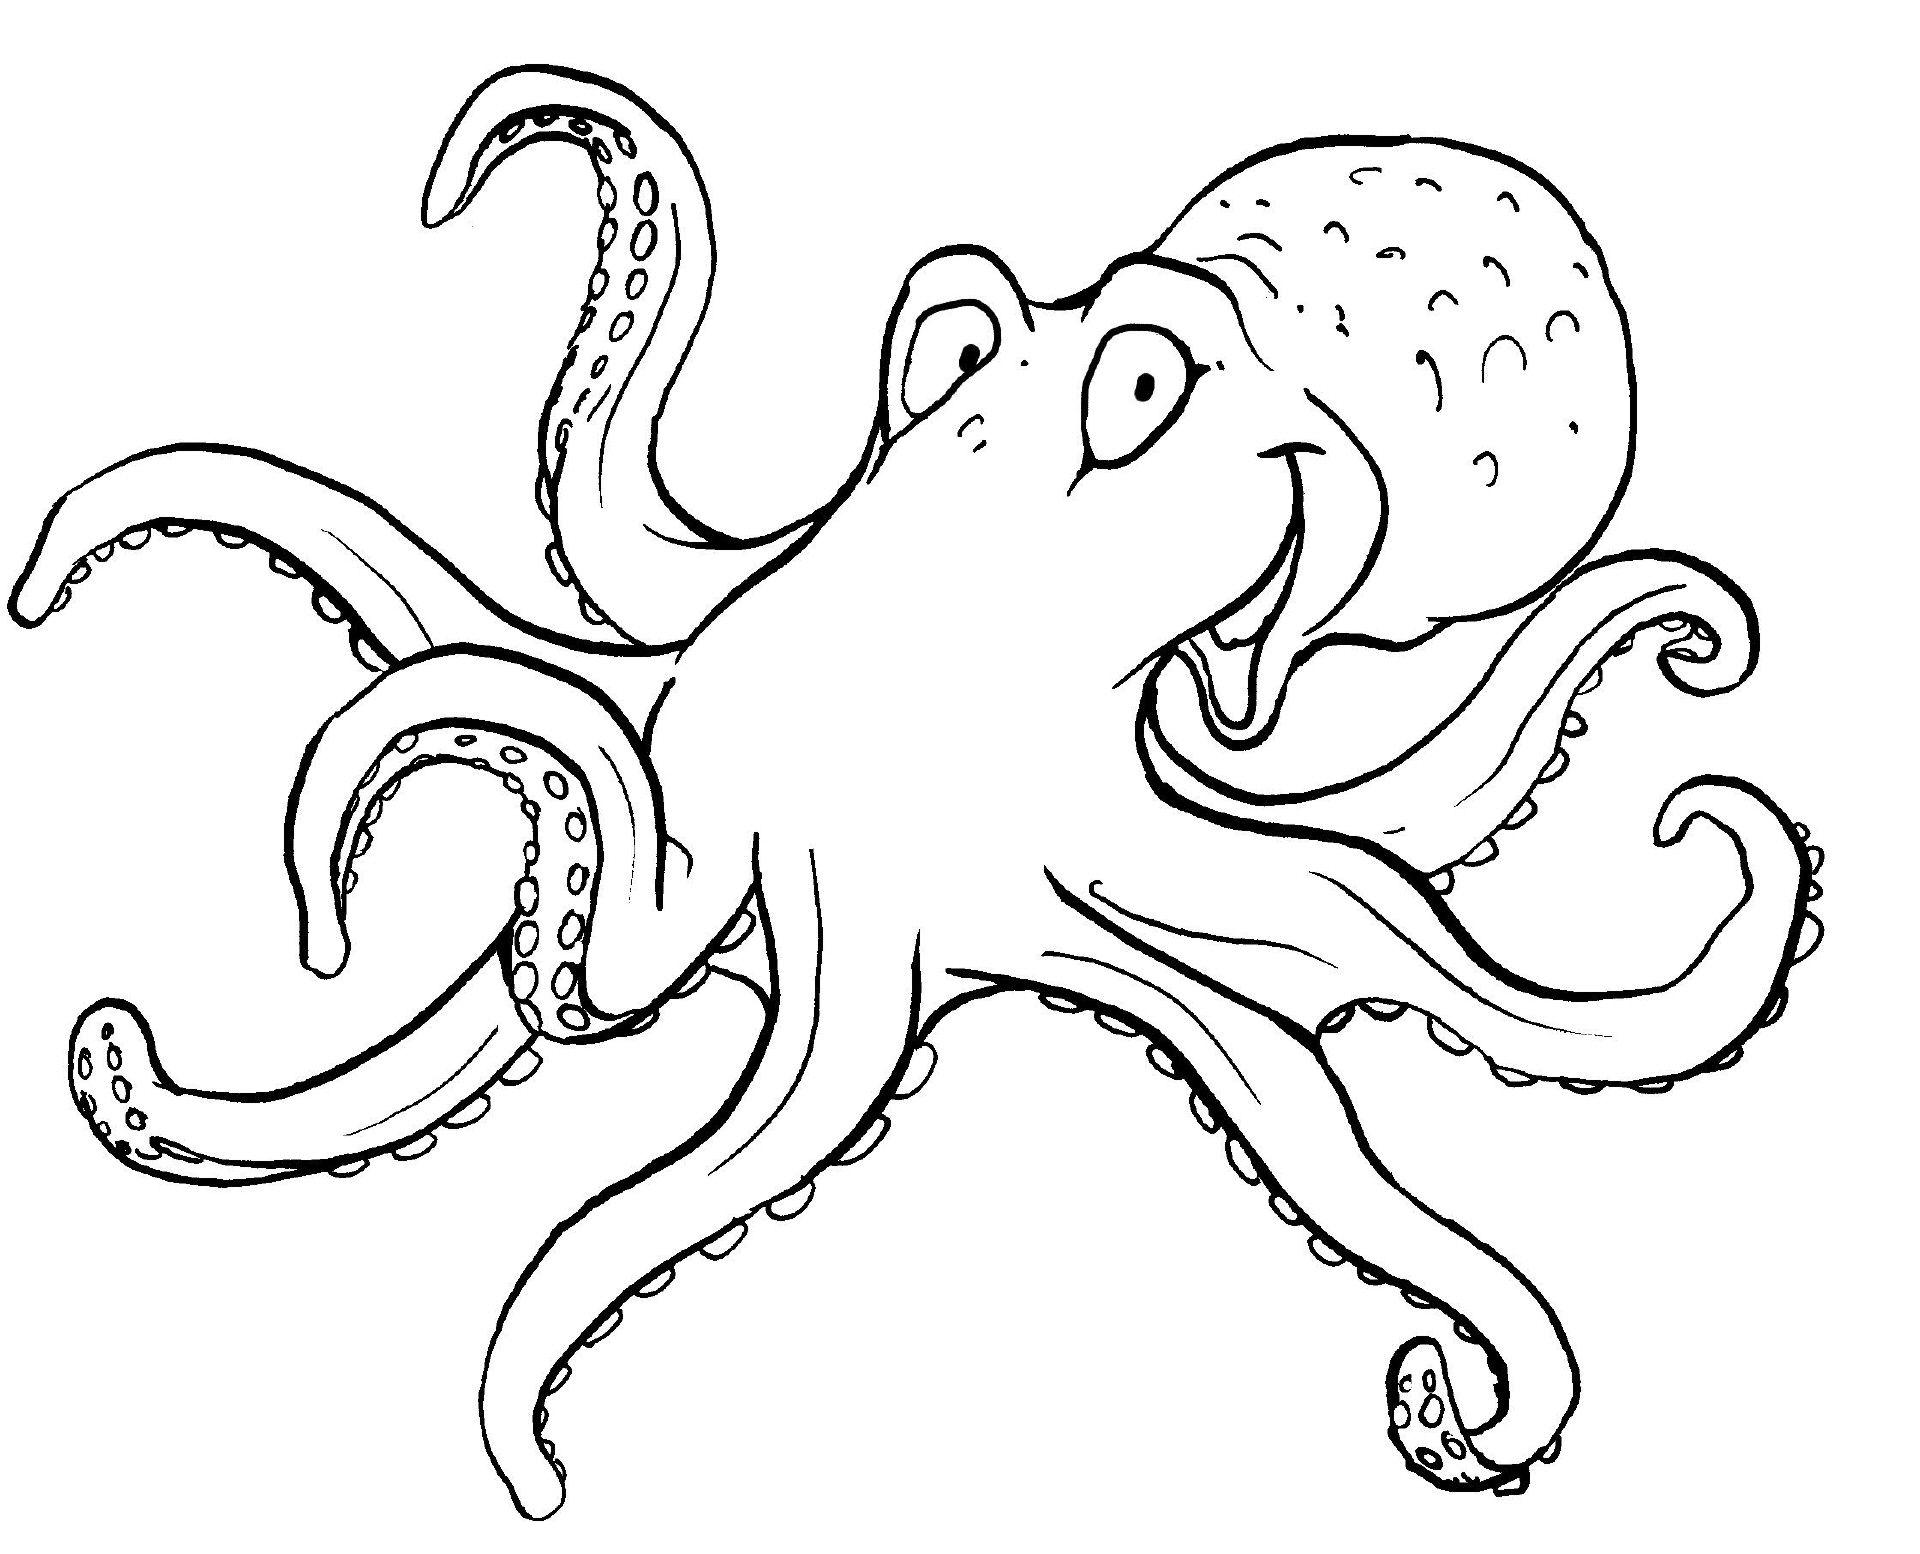 Tintenfisch | Ausmalbilder Tiere | Pinterest | Tintenfisch ...